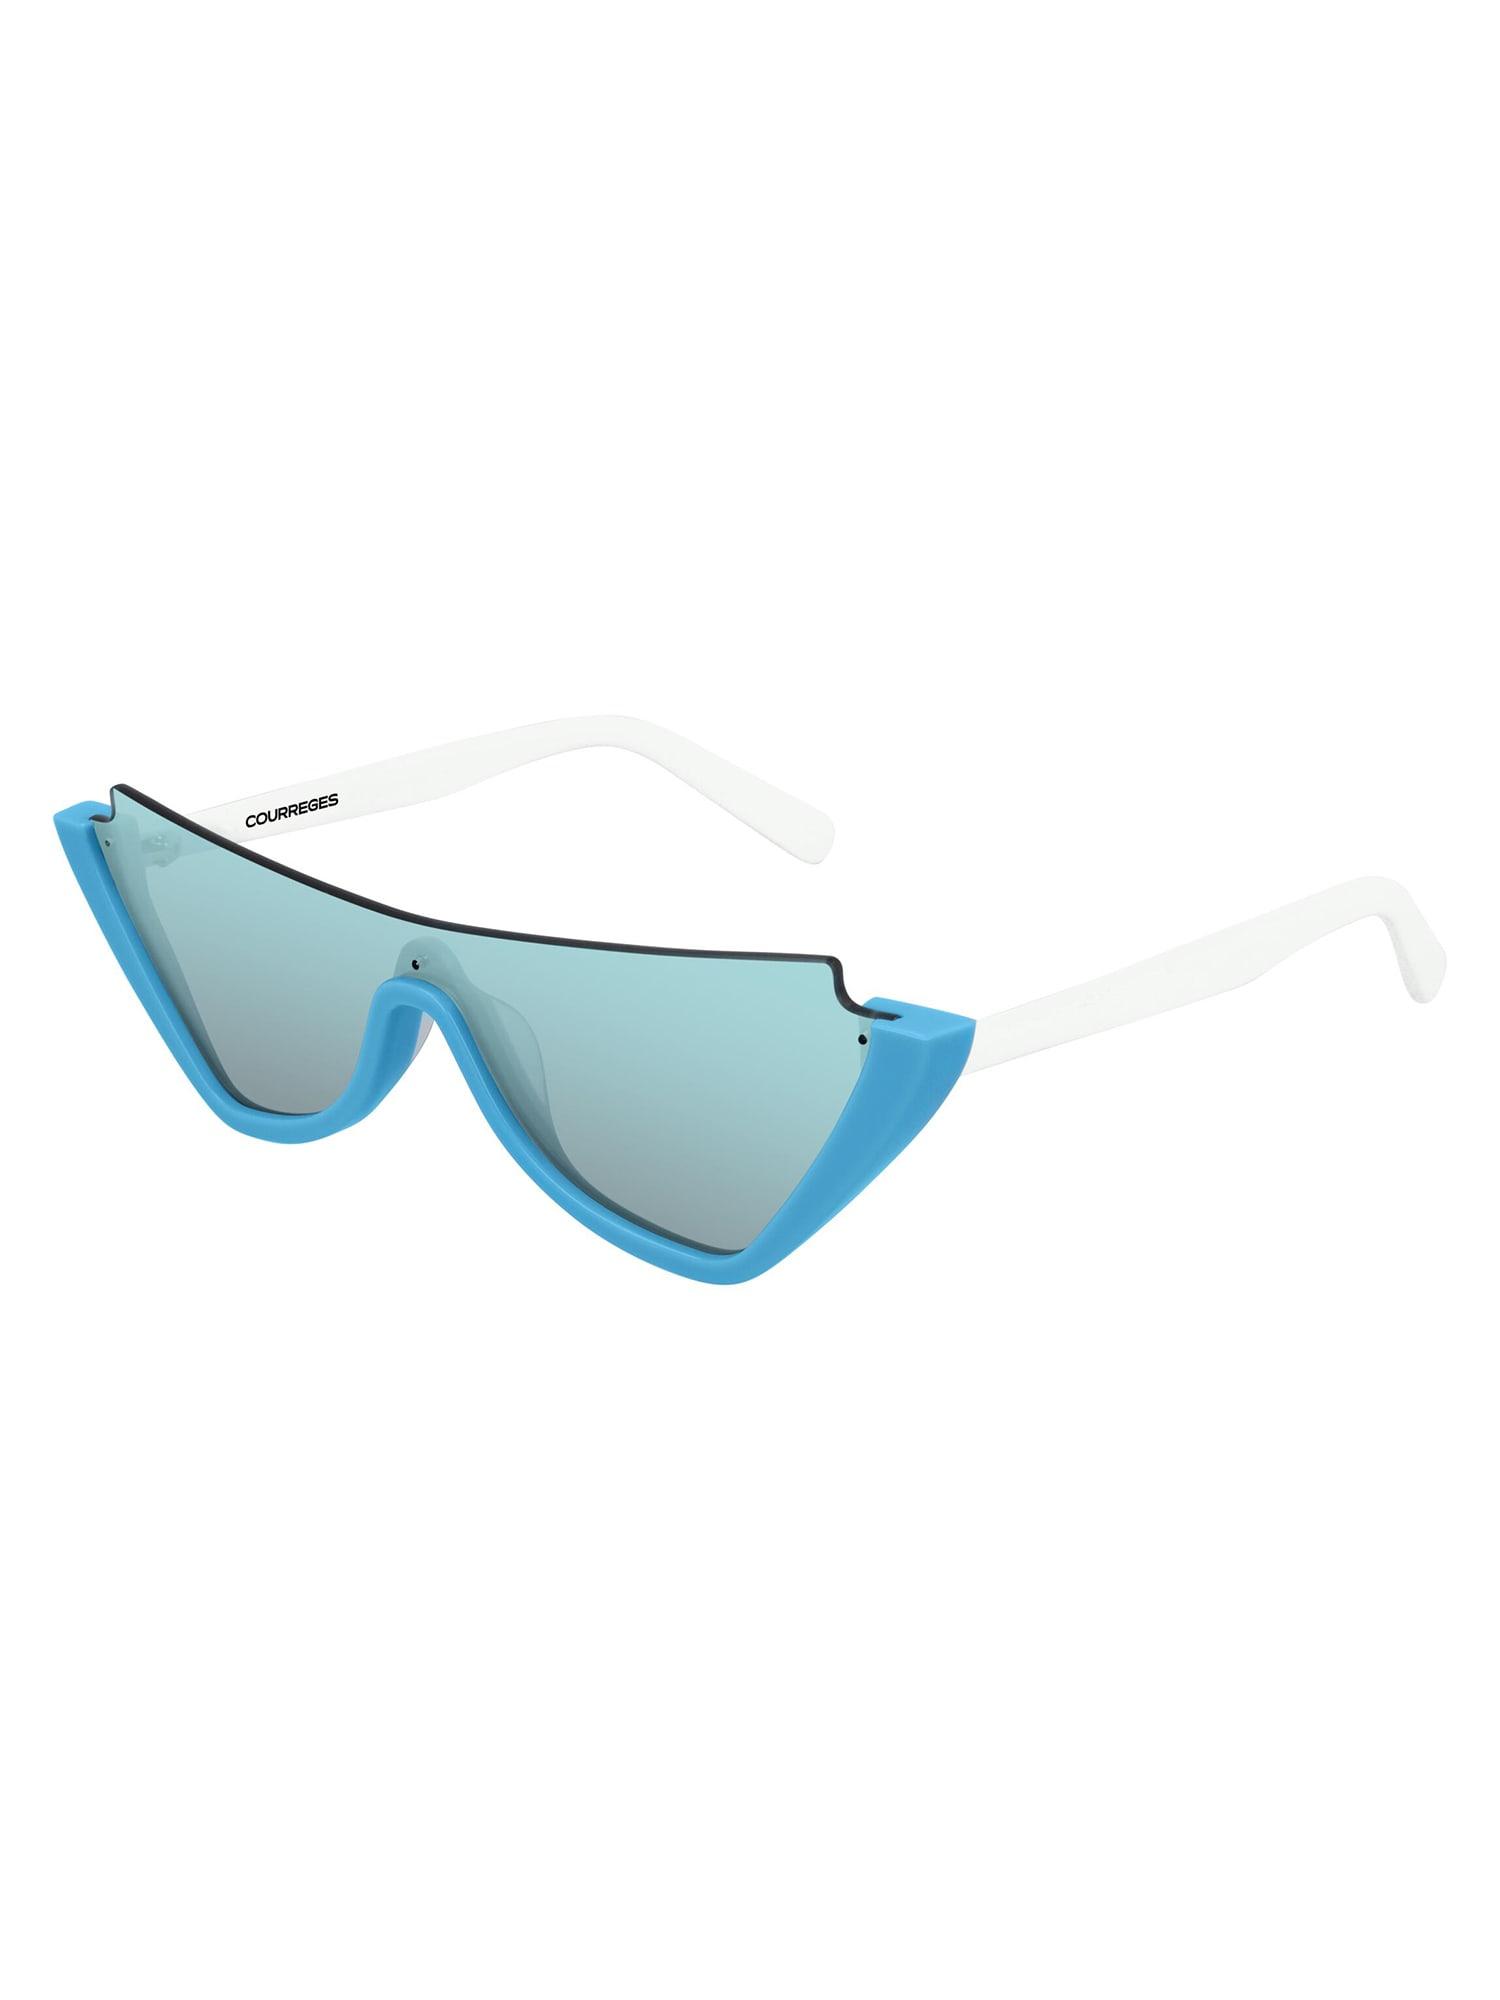 Courrèges CL1910 Sunglasses